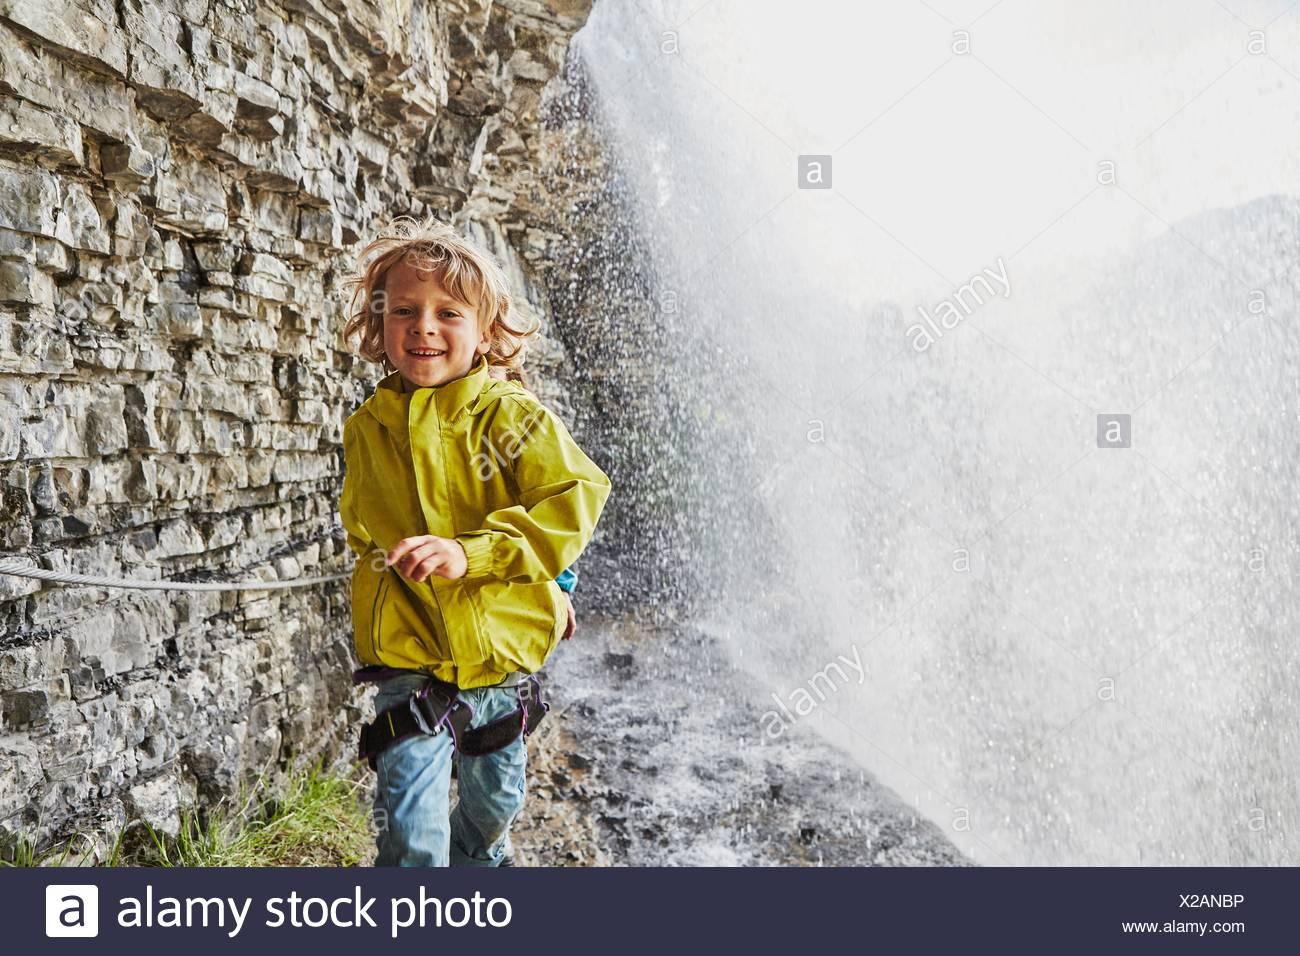 Muchacho caminando debajo de la cascada, sonriendo Imagen De Stock